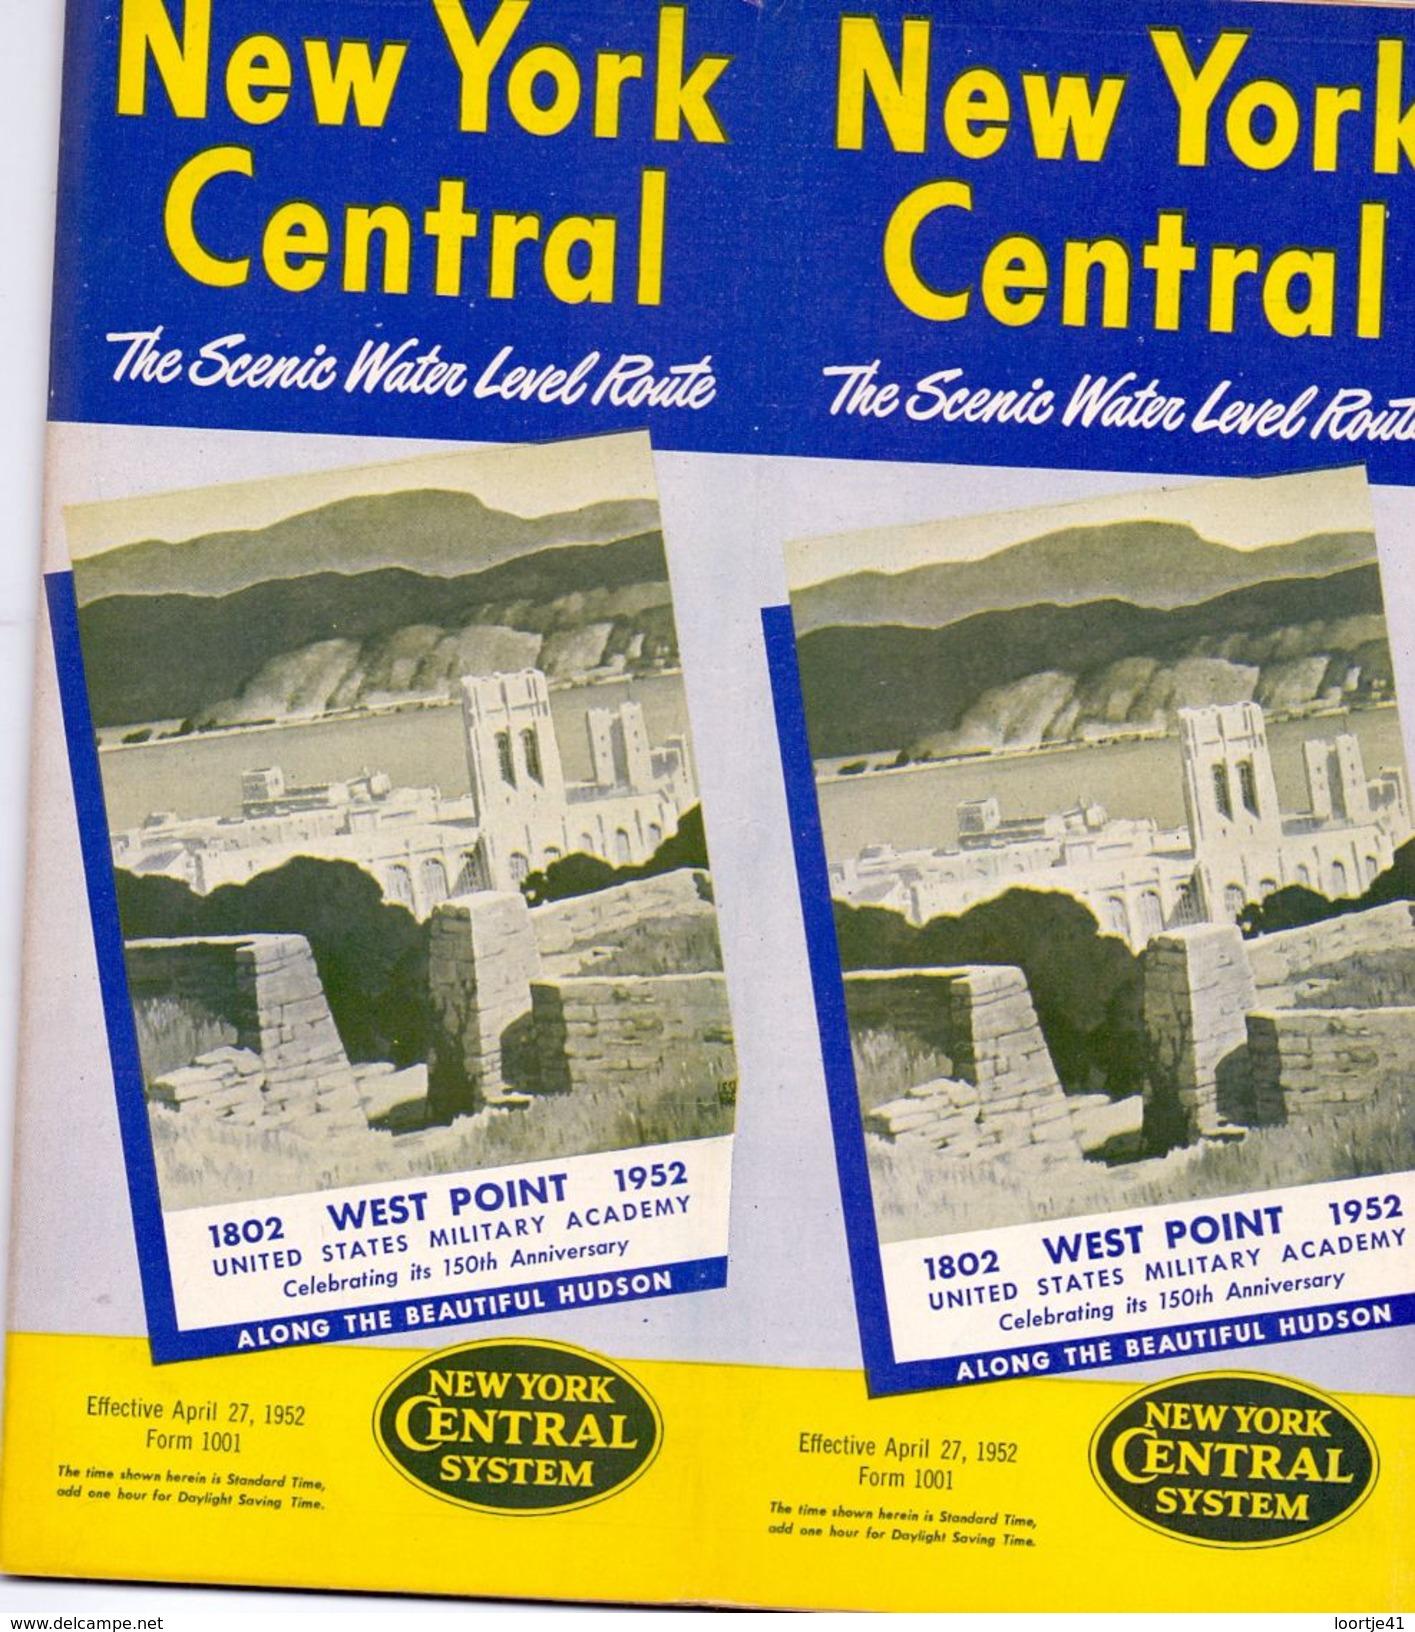 Tourisme - Timetables Schedules Dienstregeling  - Trains Treinen New York Central System - West Point 1952 - World